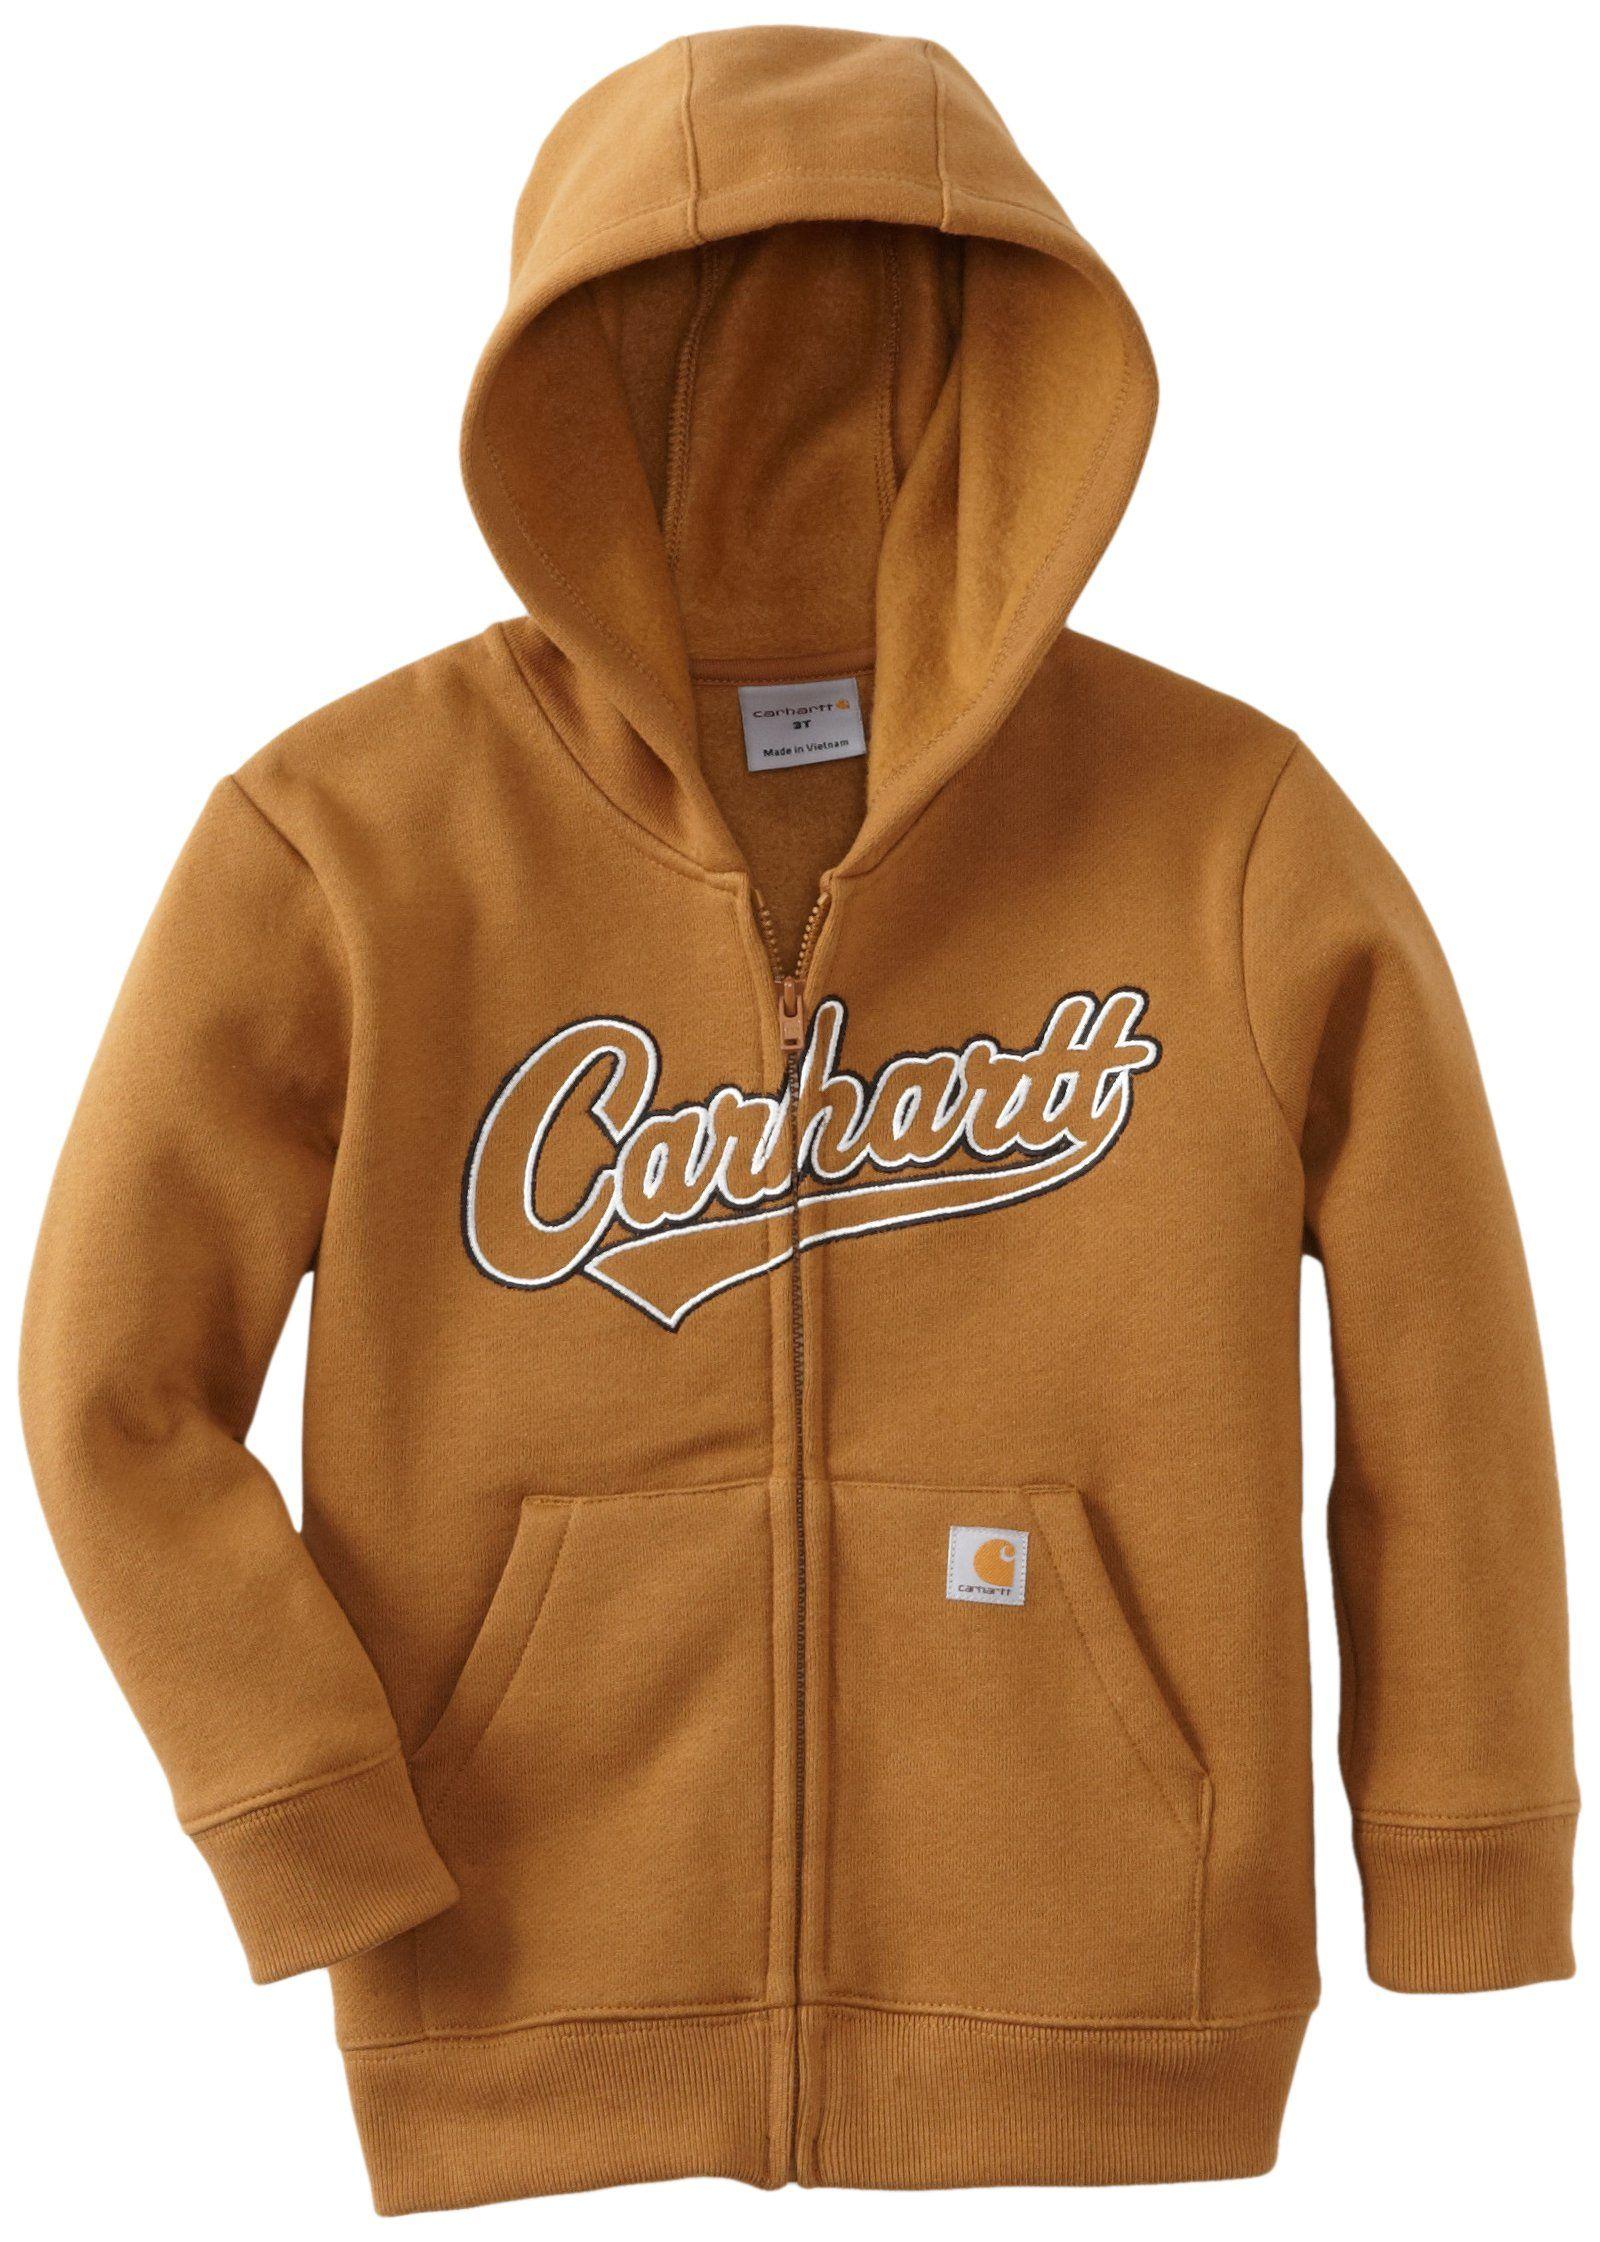 Carhartt Baby Boys Infant Logo Fleece Zip Front Sweatshirt Carhartt Brown 6 Months Carhartt Jacket Hoodie Logo Carhartt Baby [ 2242 x 1600 Pixel ]